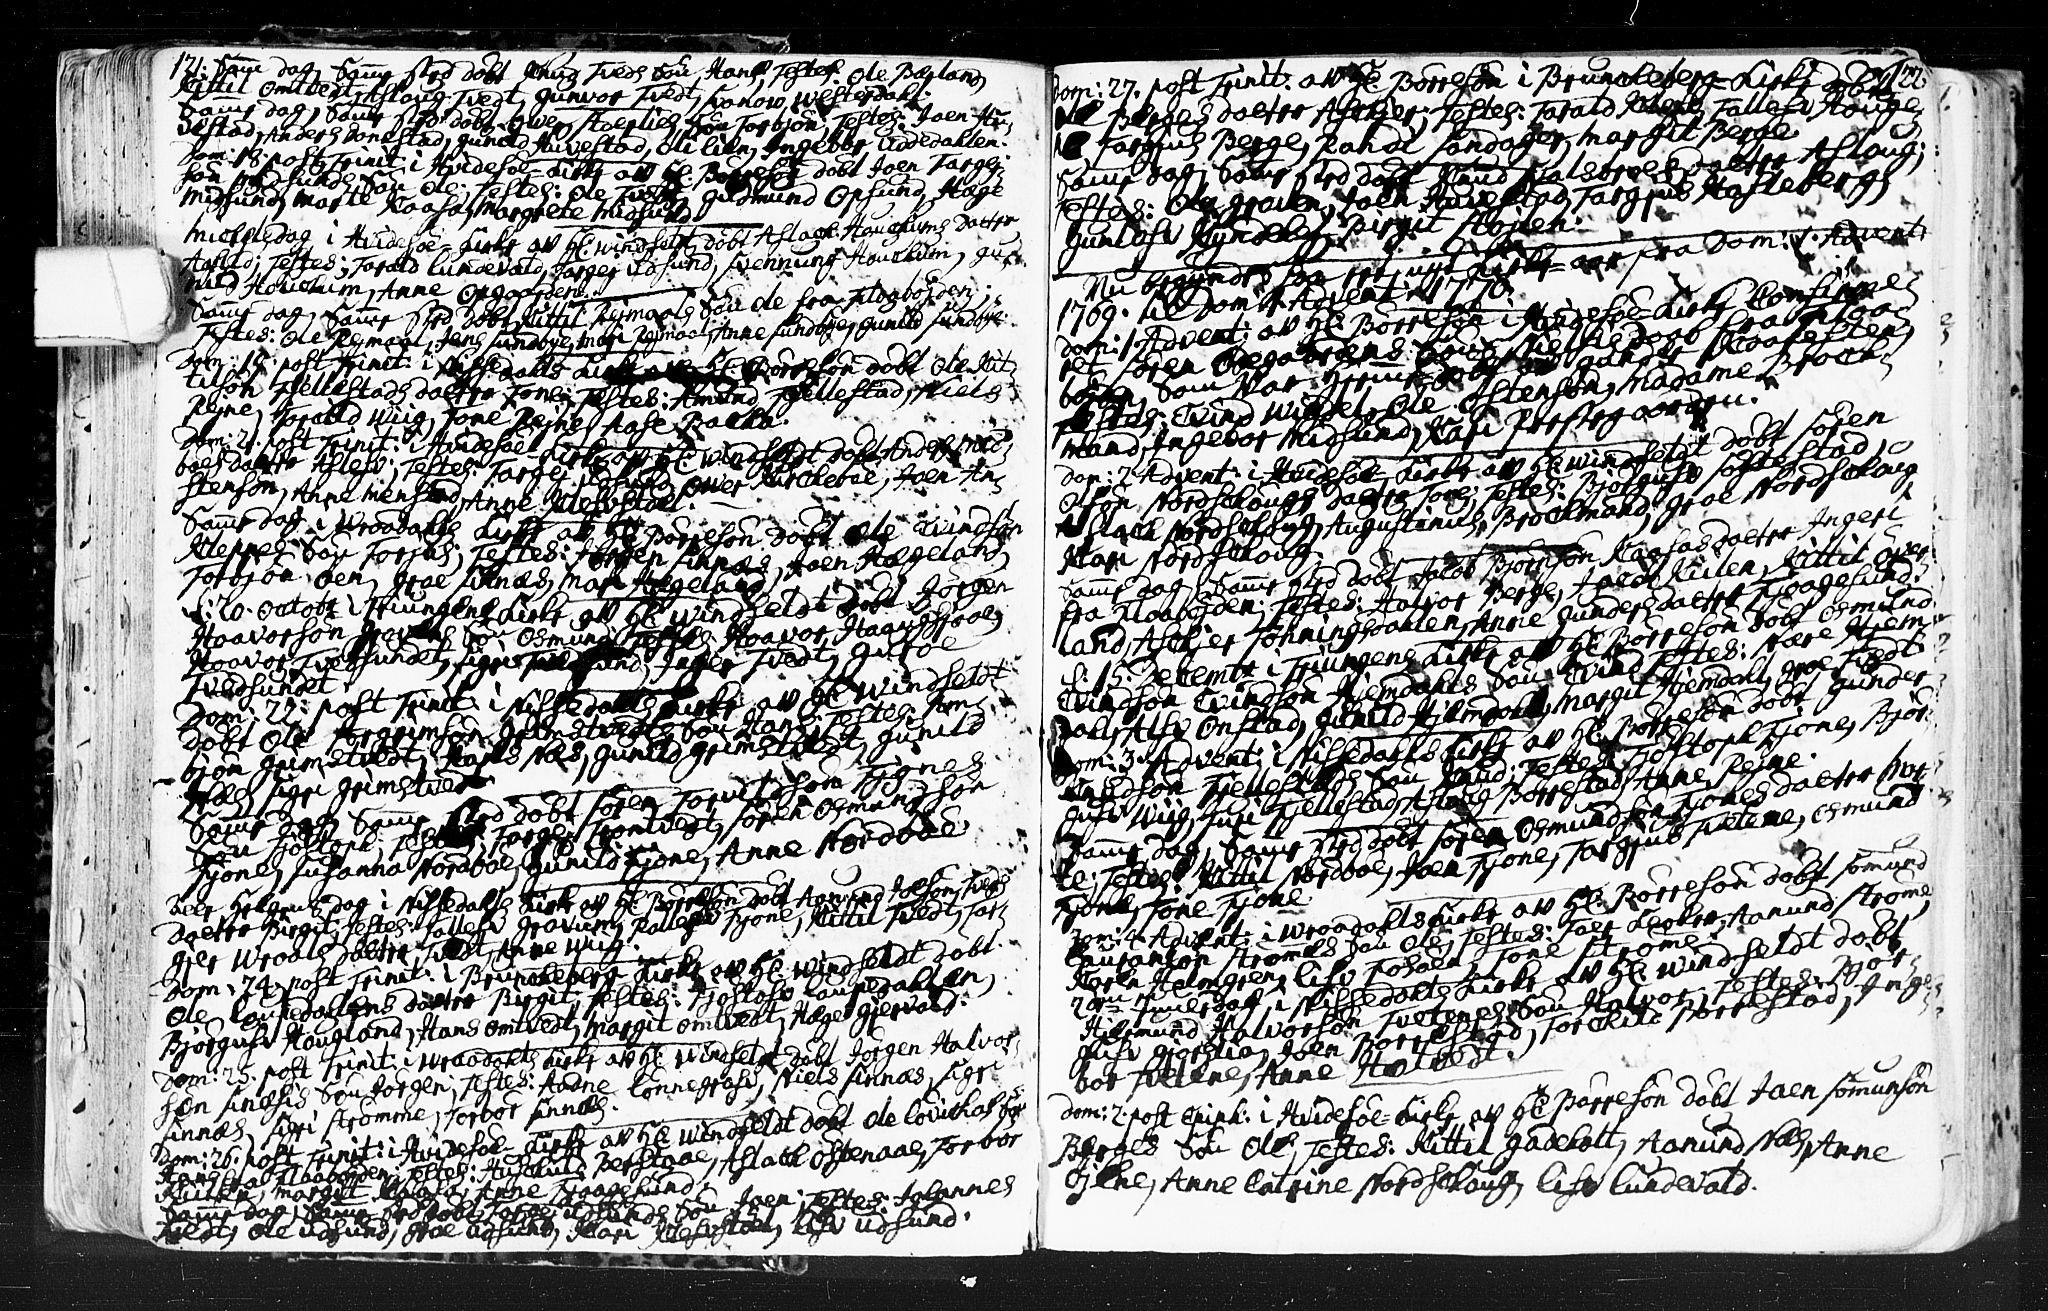 SAKO, Kviteseid kirkebøker, F/Fa/L0001: Ministerialbok nr. I 1, 1754-1773, s. 121-122